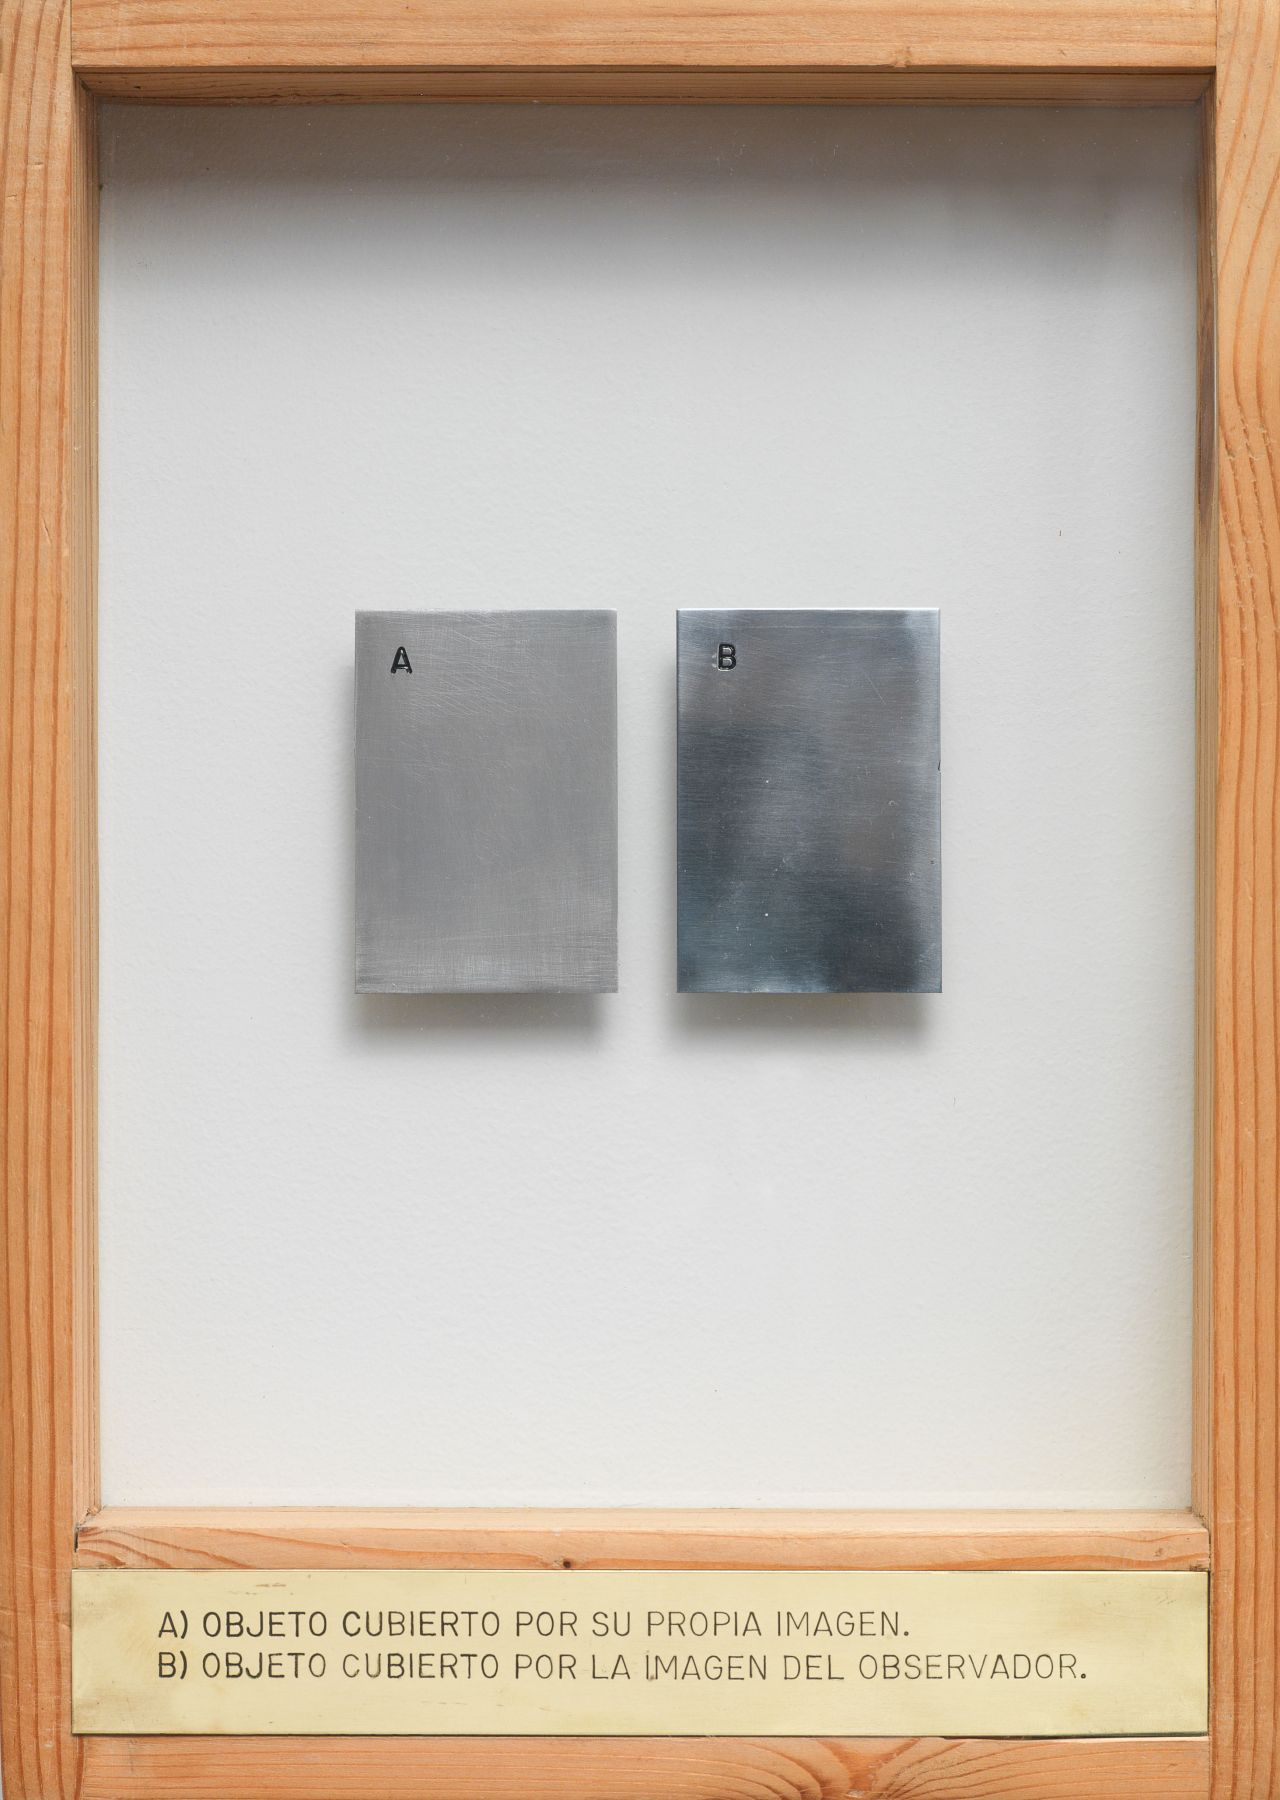 Luis Camnitzer, A) Objeto Cubierto Por Su Propia Imagen. B) Objeto Cubierto Por La Imagen Del Observador., 1971-1974